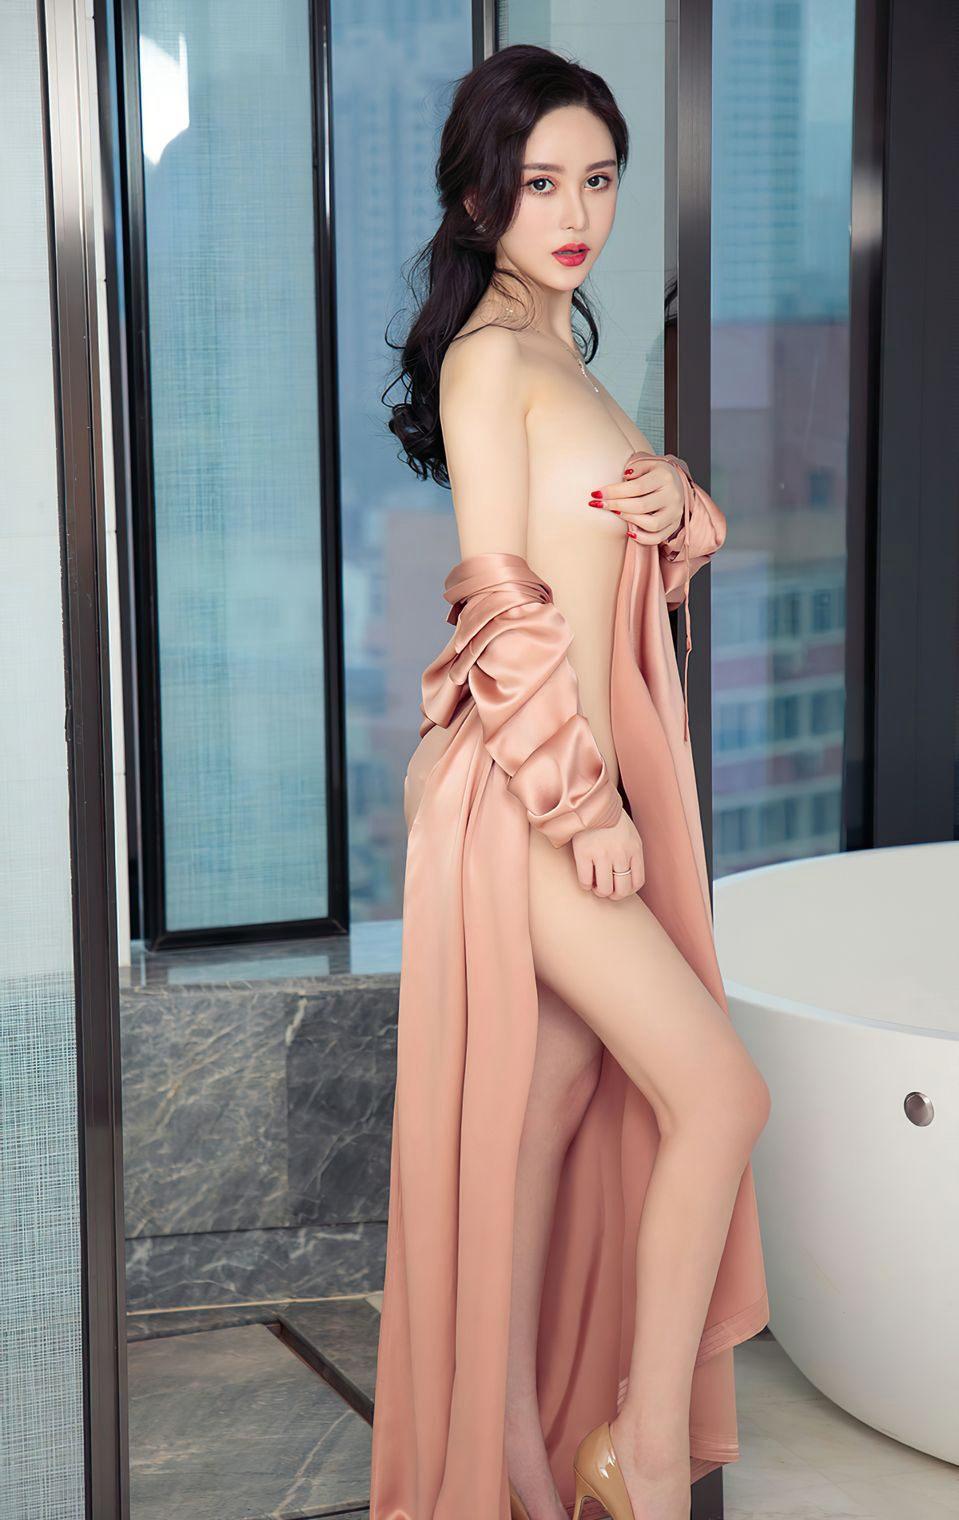 性感的美女风骚情趣内衣美女少妇诱惑大奶巨乳性感私房写真